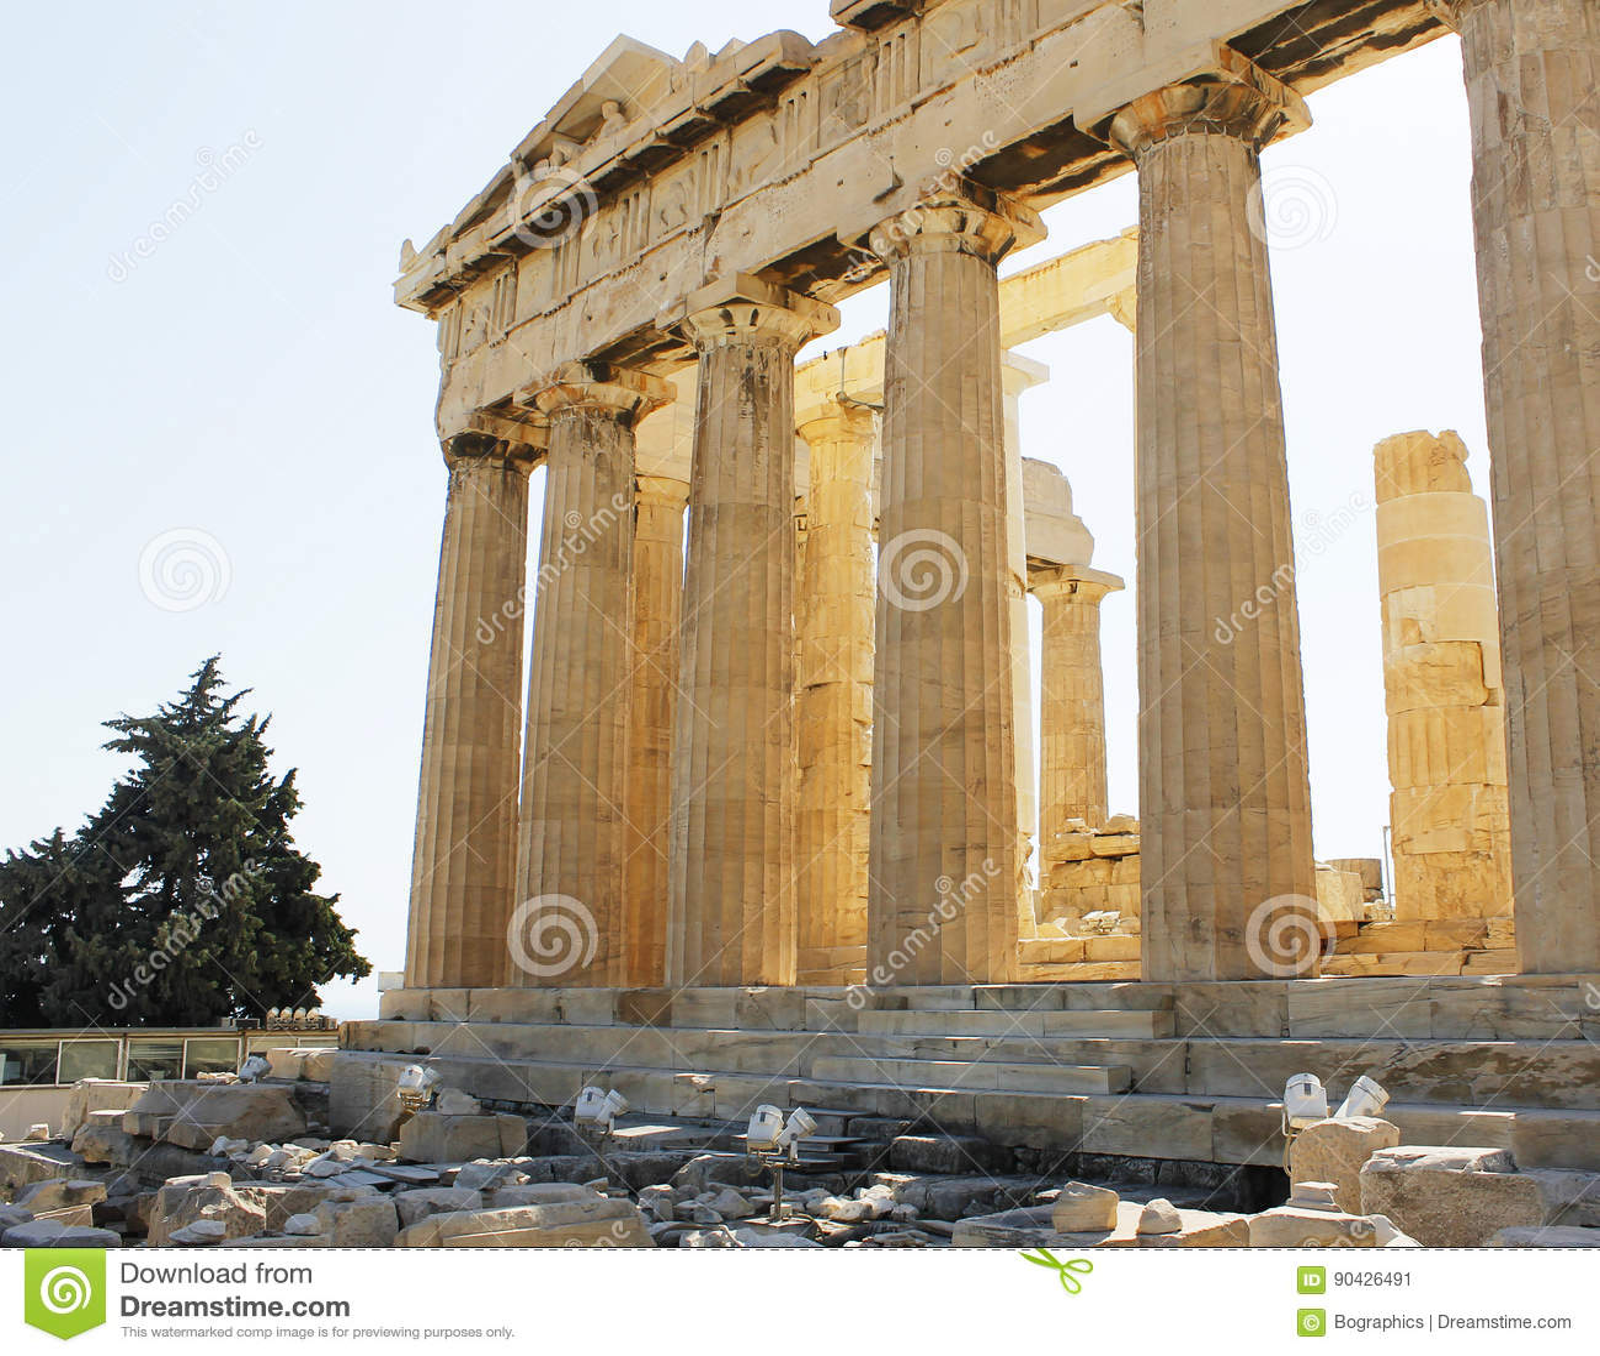 Parthenon columns warm sun light Athens